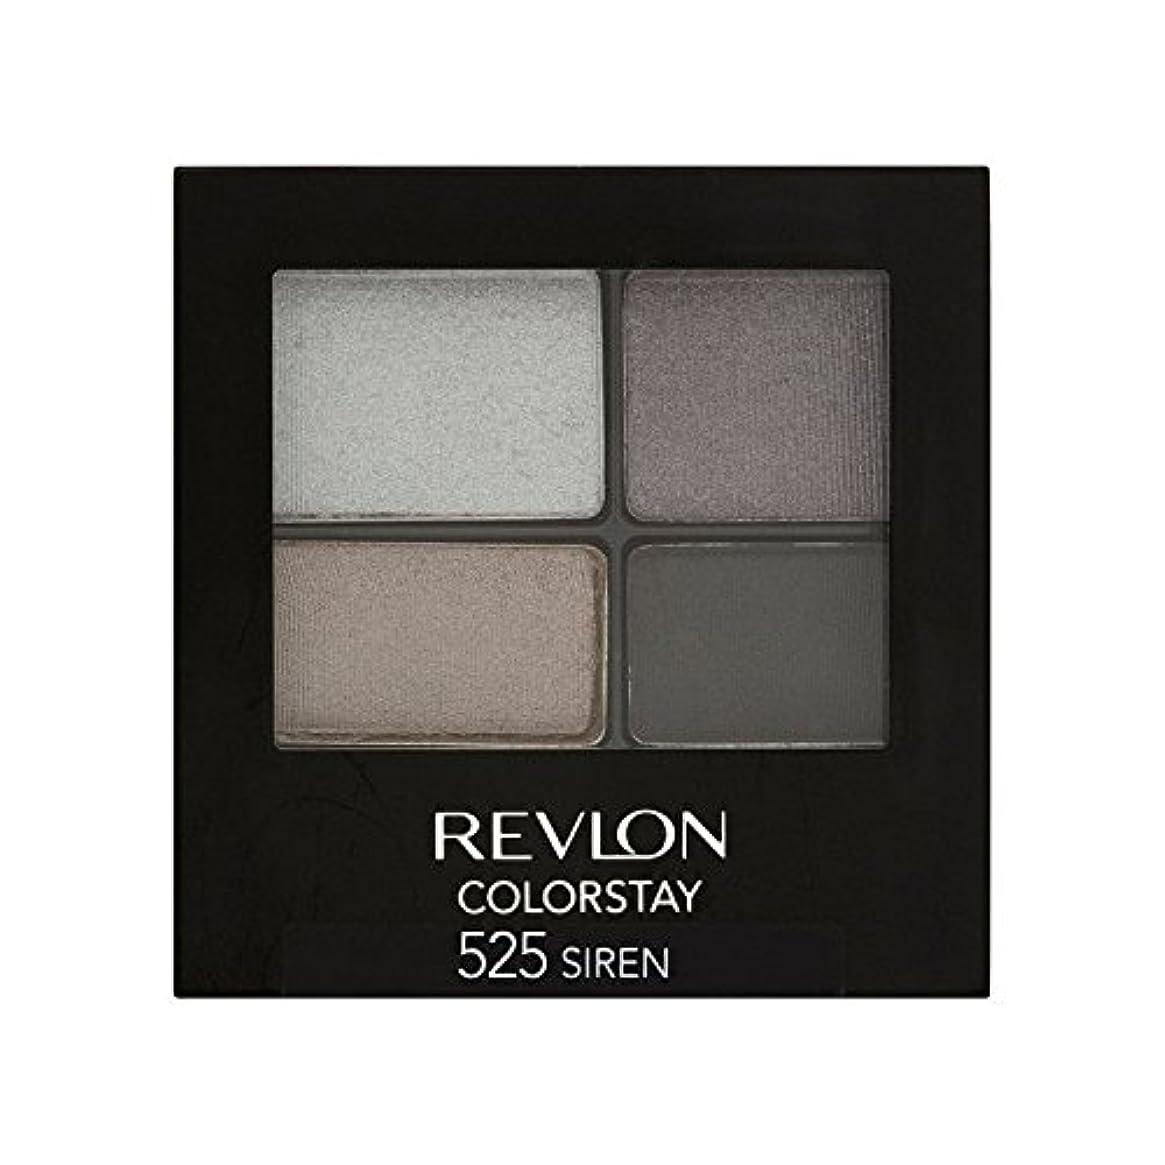 素晴らしいです異形反対レブロンの 16時間アイシャドウサイレン525 x4 - Revlon Colorstay 16 Hour Eye Shadow Siren 525 (Pack of 4) [並行輸入品]